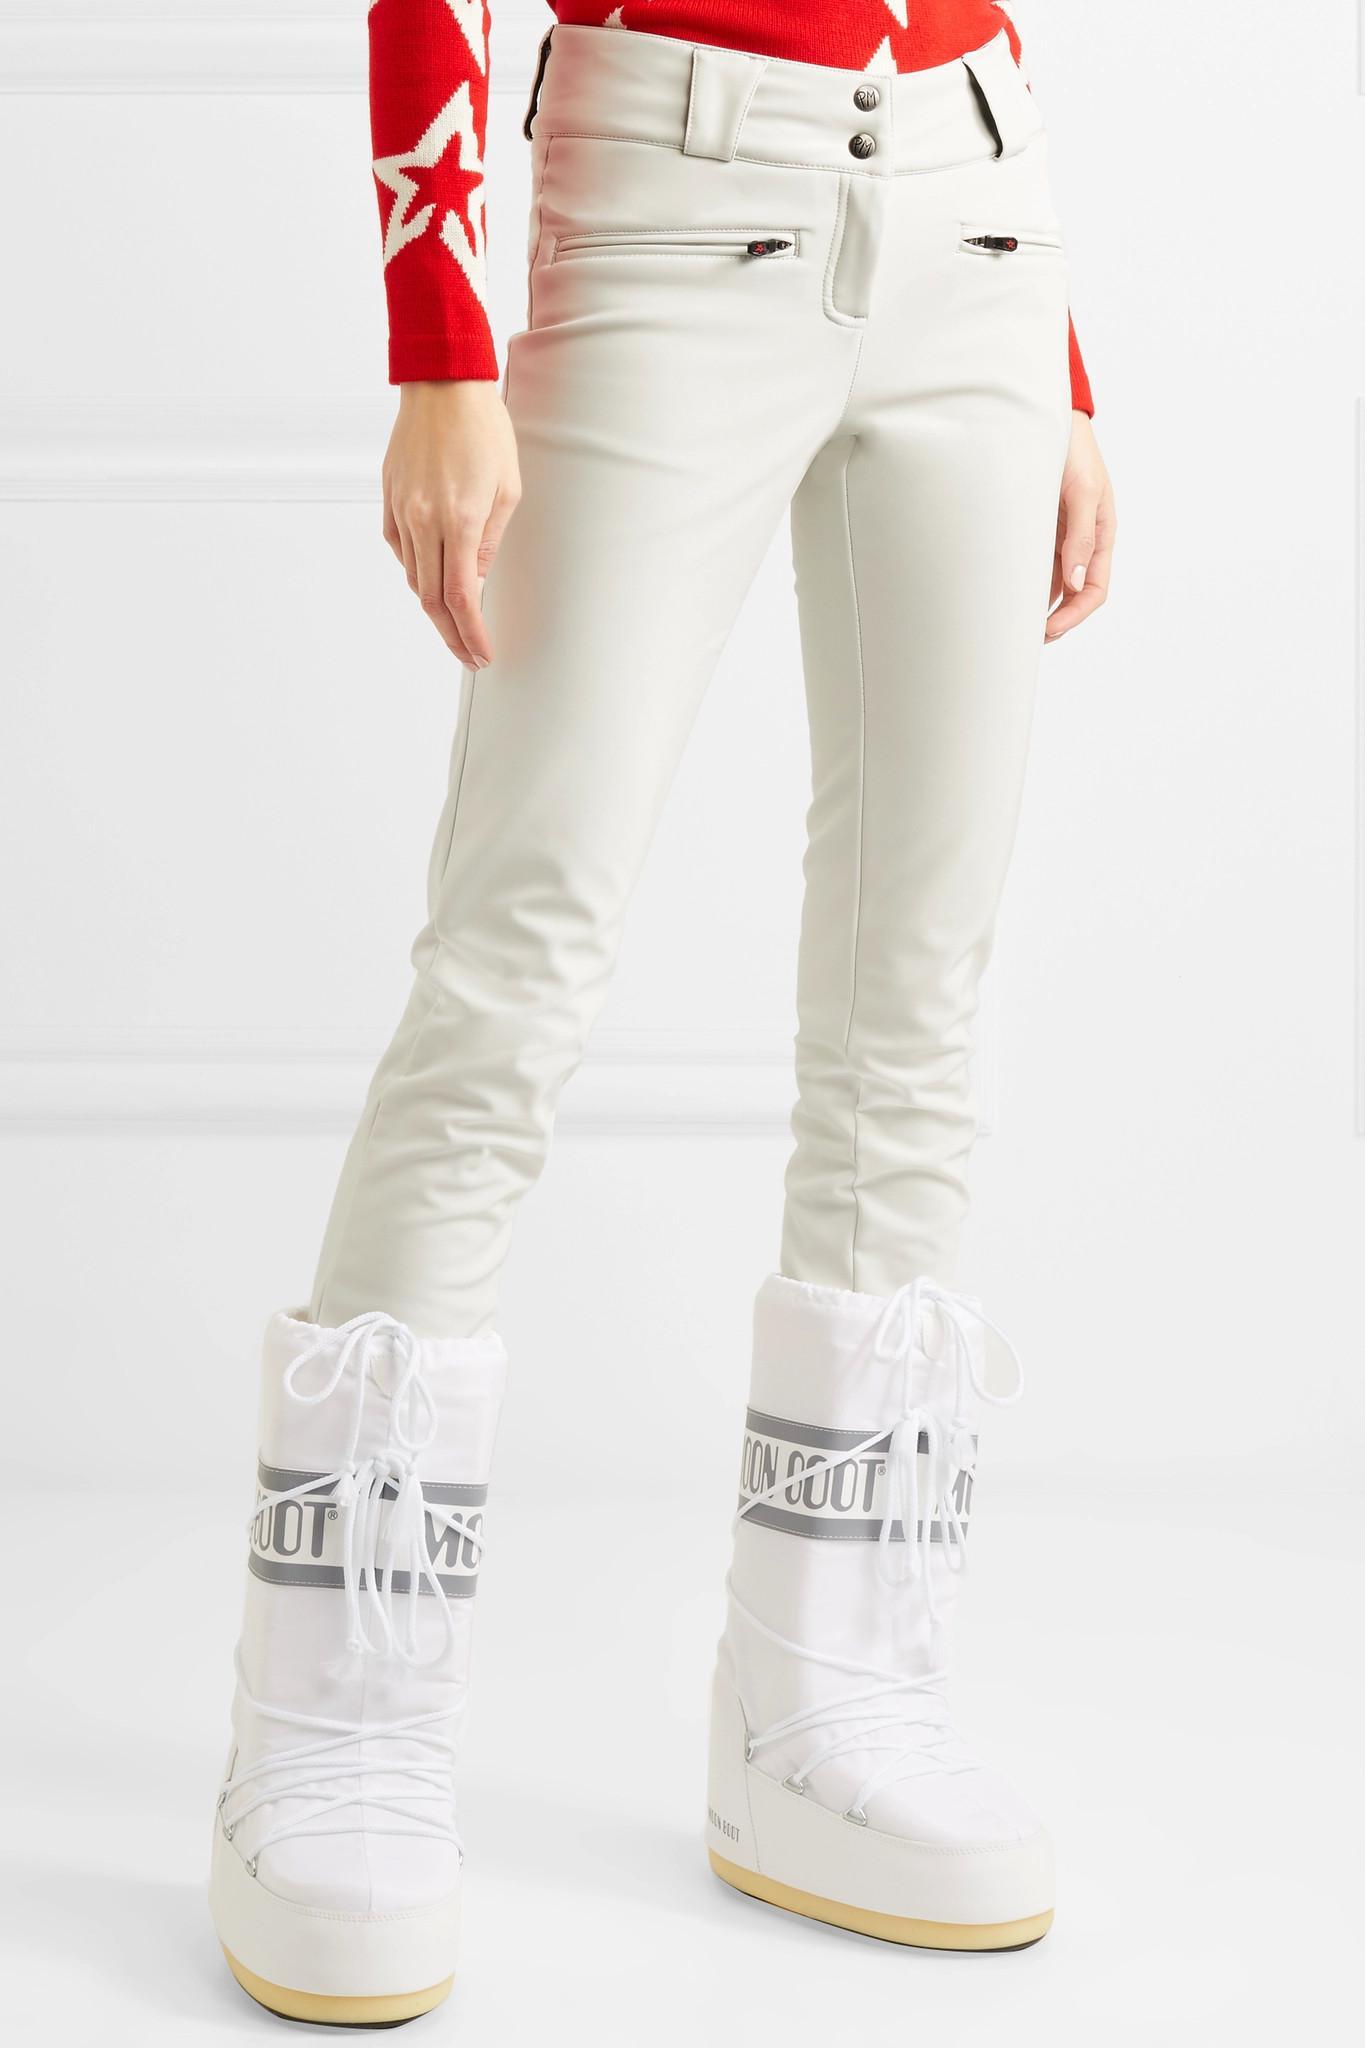 bb31d2e3289fa4 Perfect Moment Aurora Skinny Ski Pants in White - Lyst